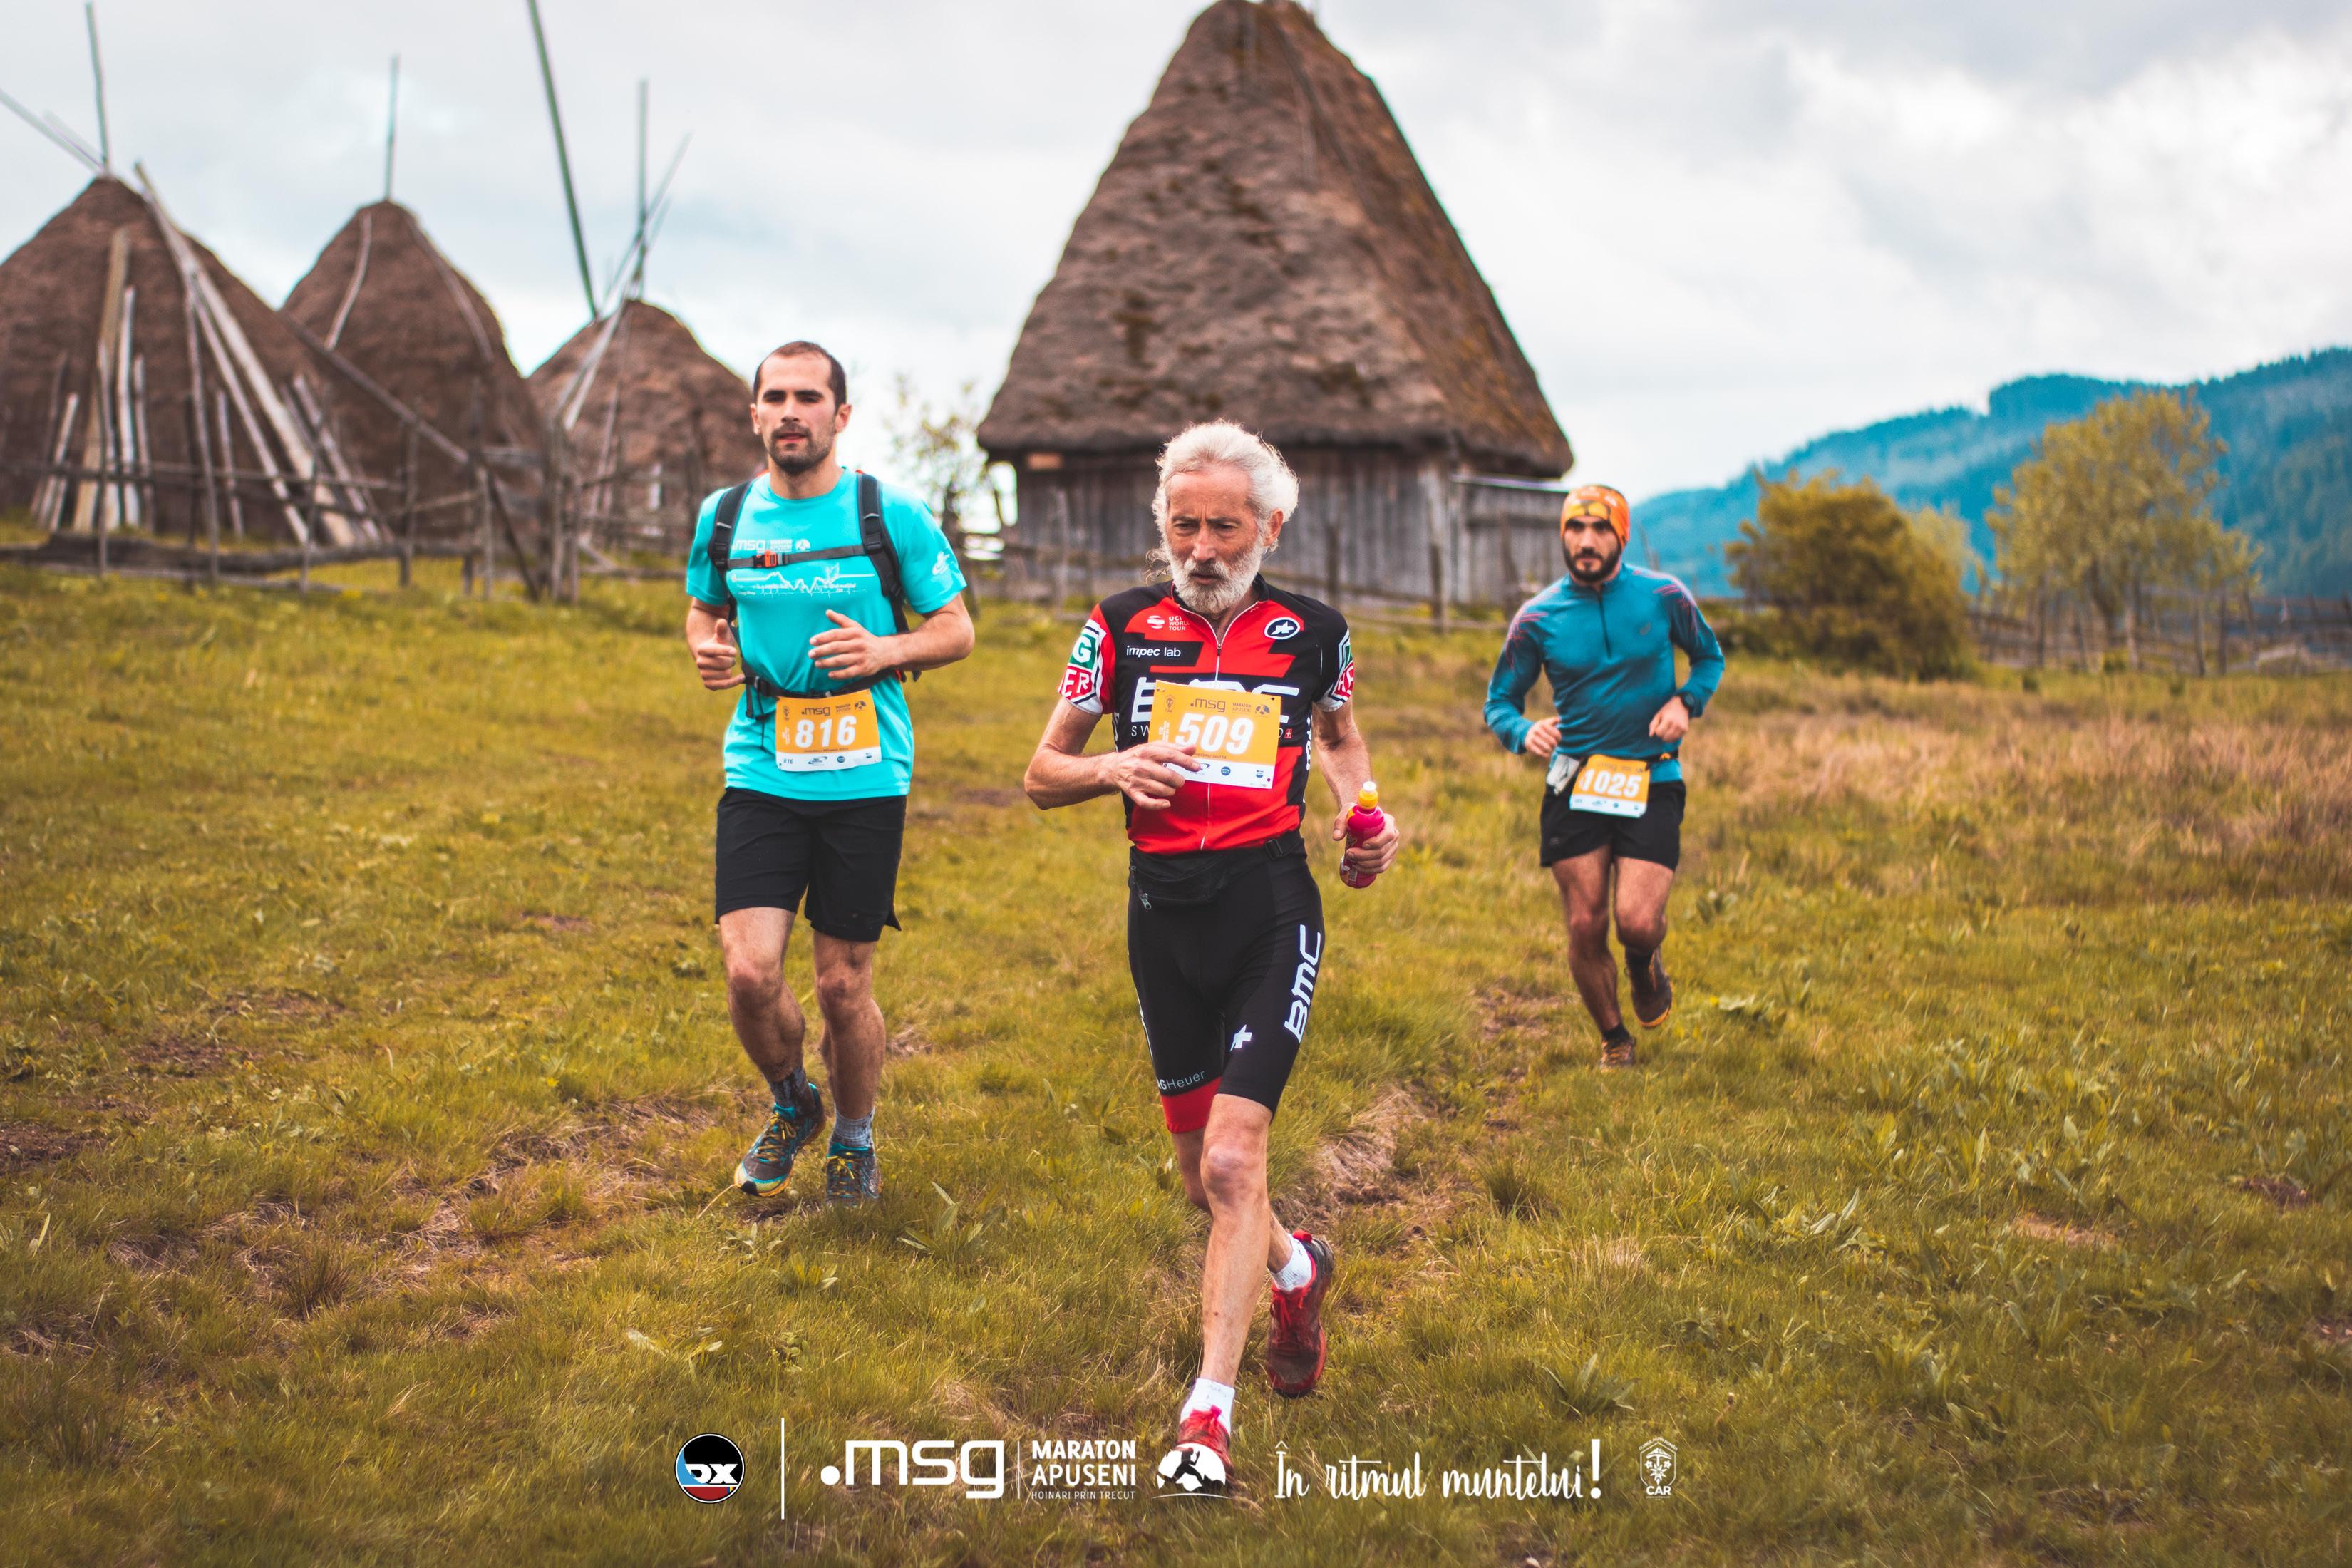 msg Maraton Apuseni 2019: un nou record de participare